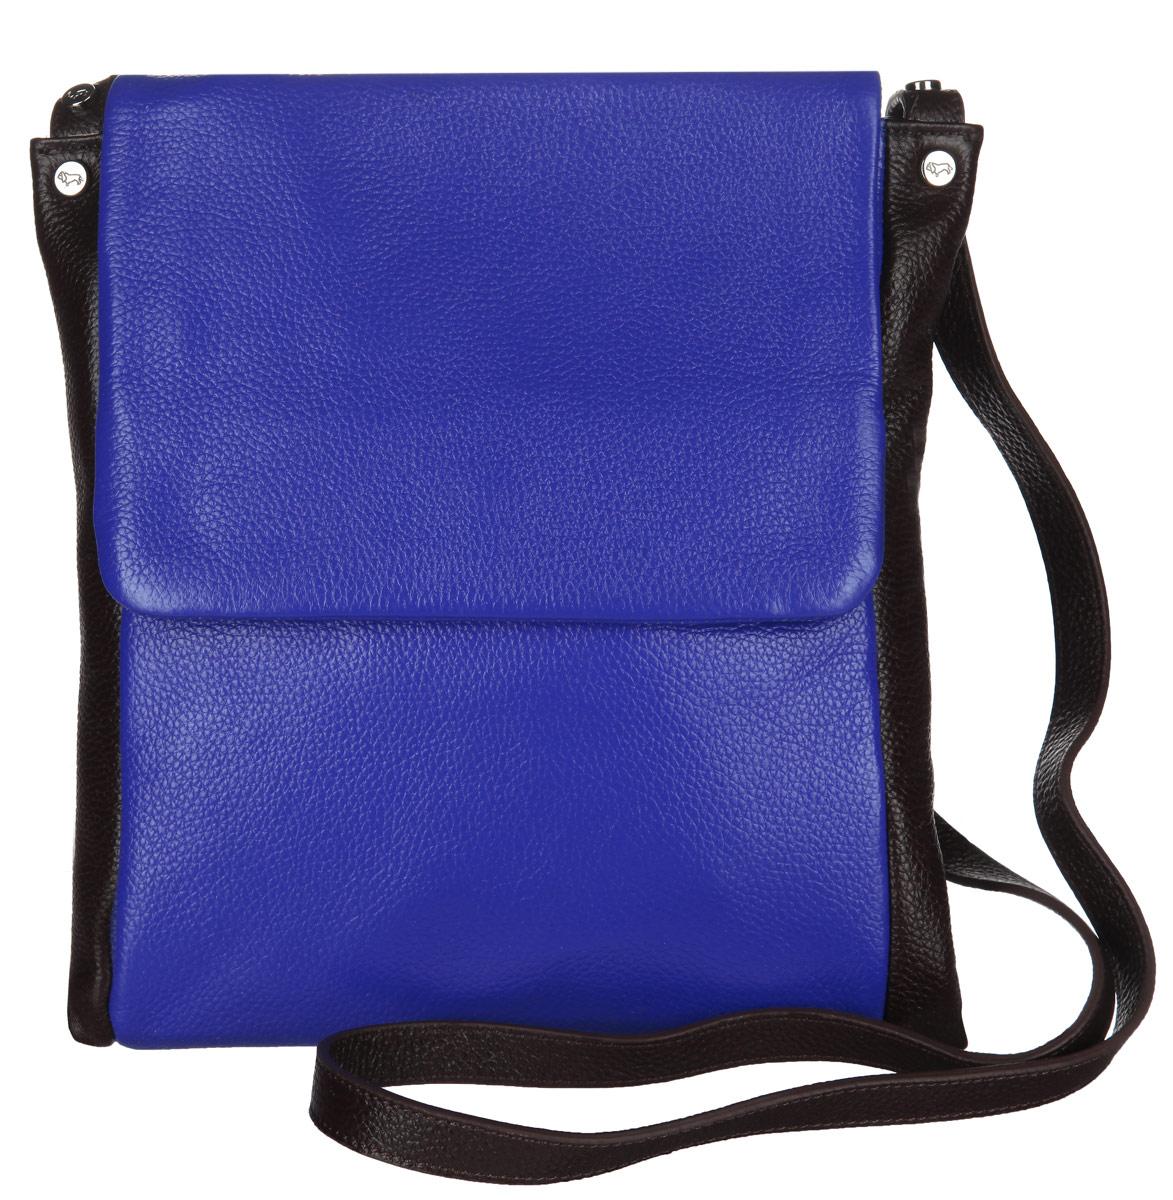 Сумка женская Labbra, цвет: синий, темно-коричневый. L-DL90239L-DL90239Стильная сумка Labbra изготовлена из натуральной кожи с зернистой фактурой, оформлена металлической фурнитурой с символикой бренда. Изделие содержит одно отделение, которое закрывается клапаном на магнитную кнопку. Внутри изделия расположены два накладных кармашка для мелочей и врезной карман на молнии. Задняя сторона сумки дополнена врезным карманом на молнии. Изделие оснащено практичным плечевым ремнем регулируемой длины. Оригинальный аксессуар позволит вам завершить образ и быть неотразимой.